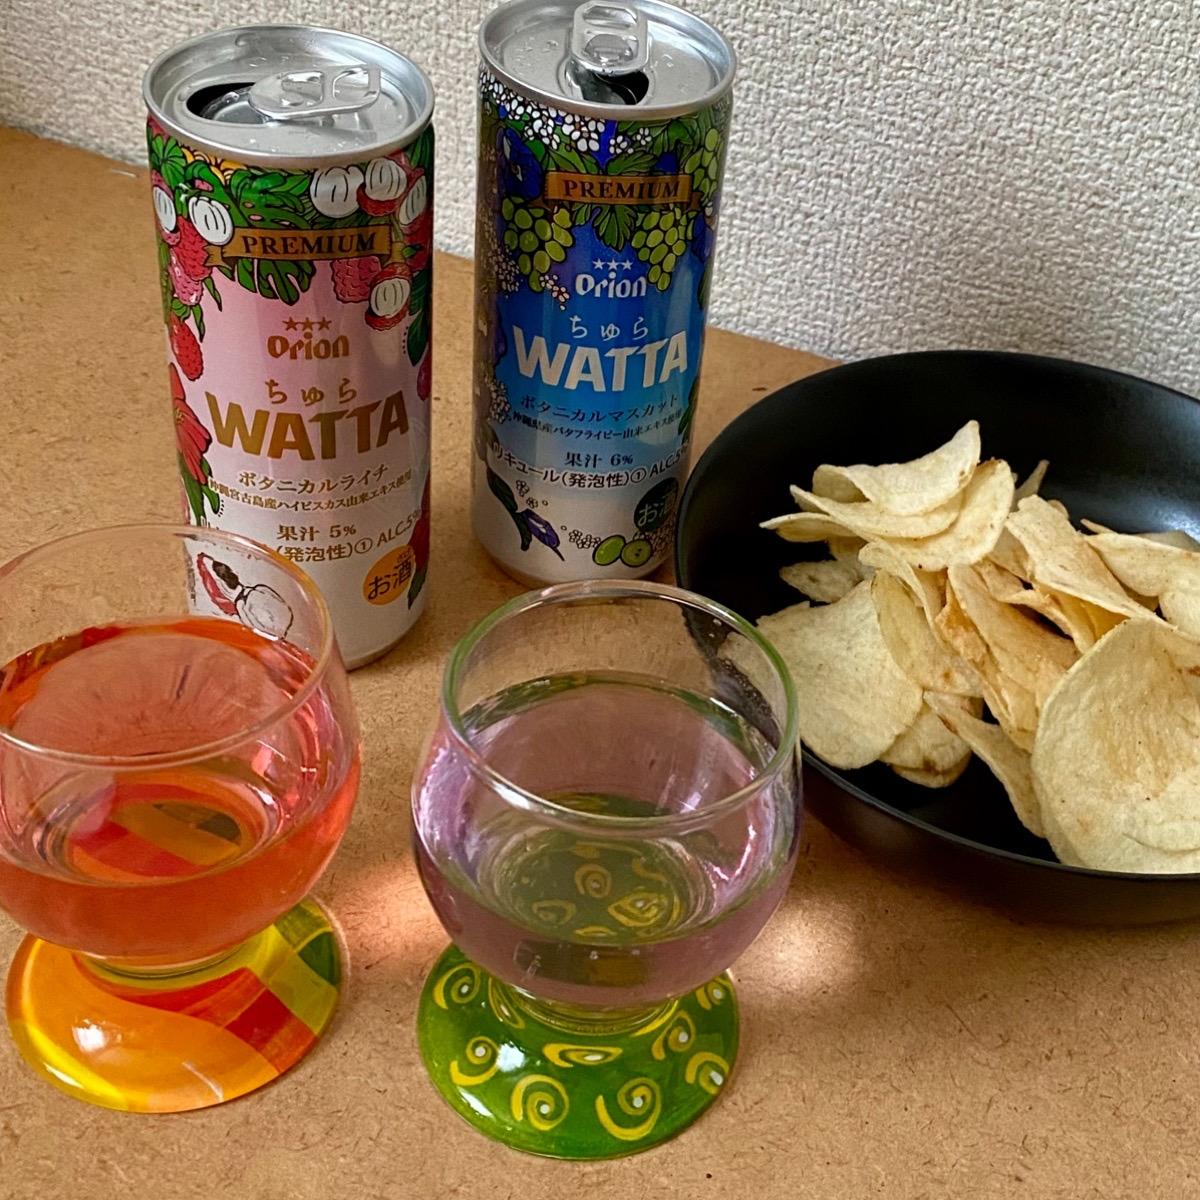 オリオンビールのチューハイWATTAワッタの楽しみ方